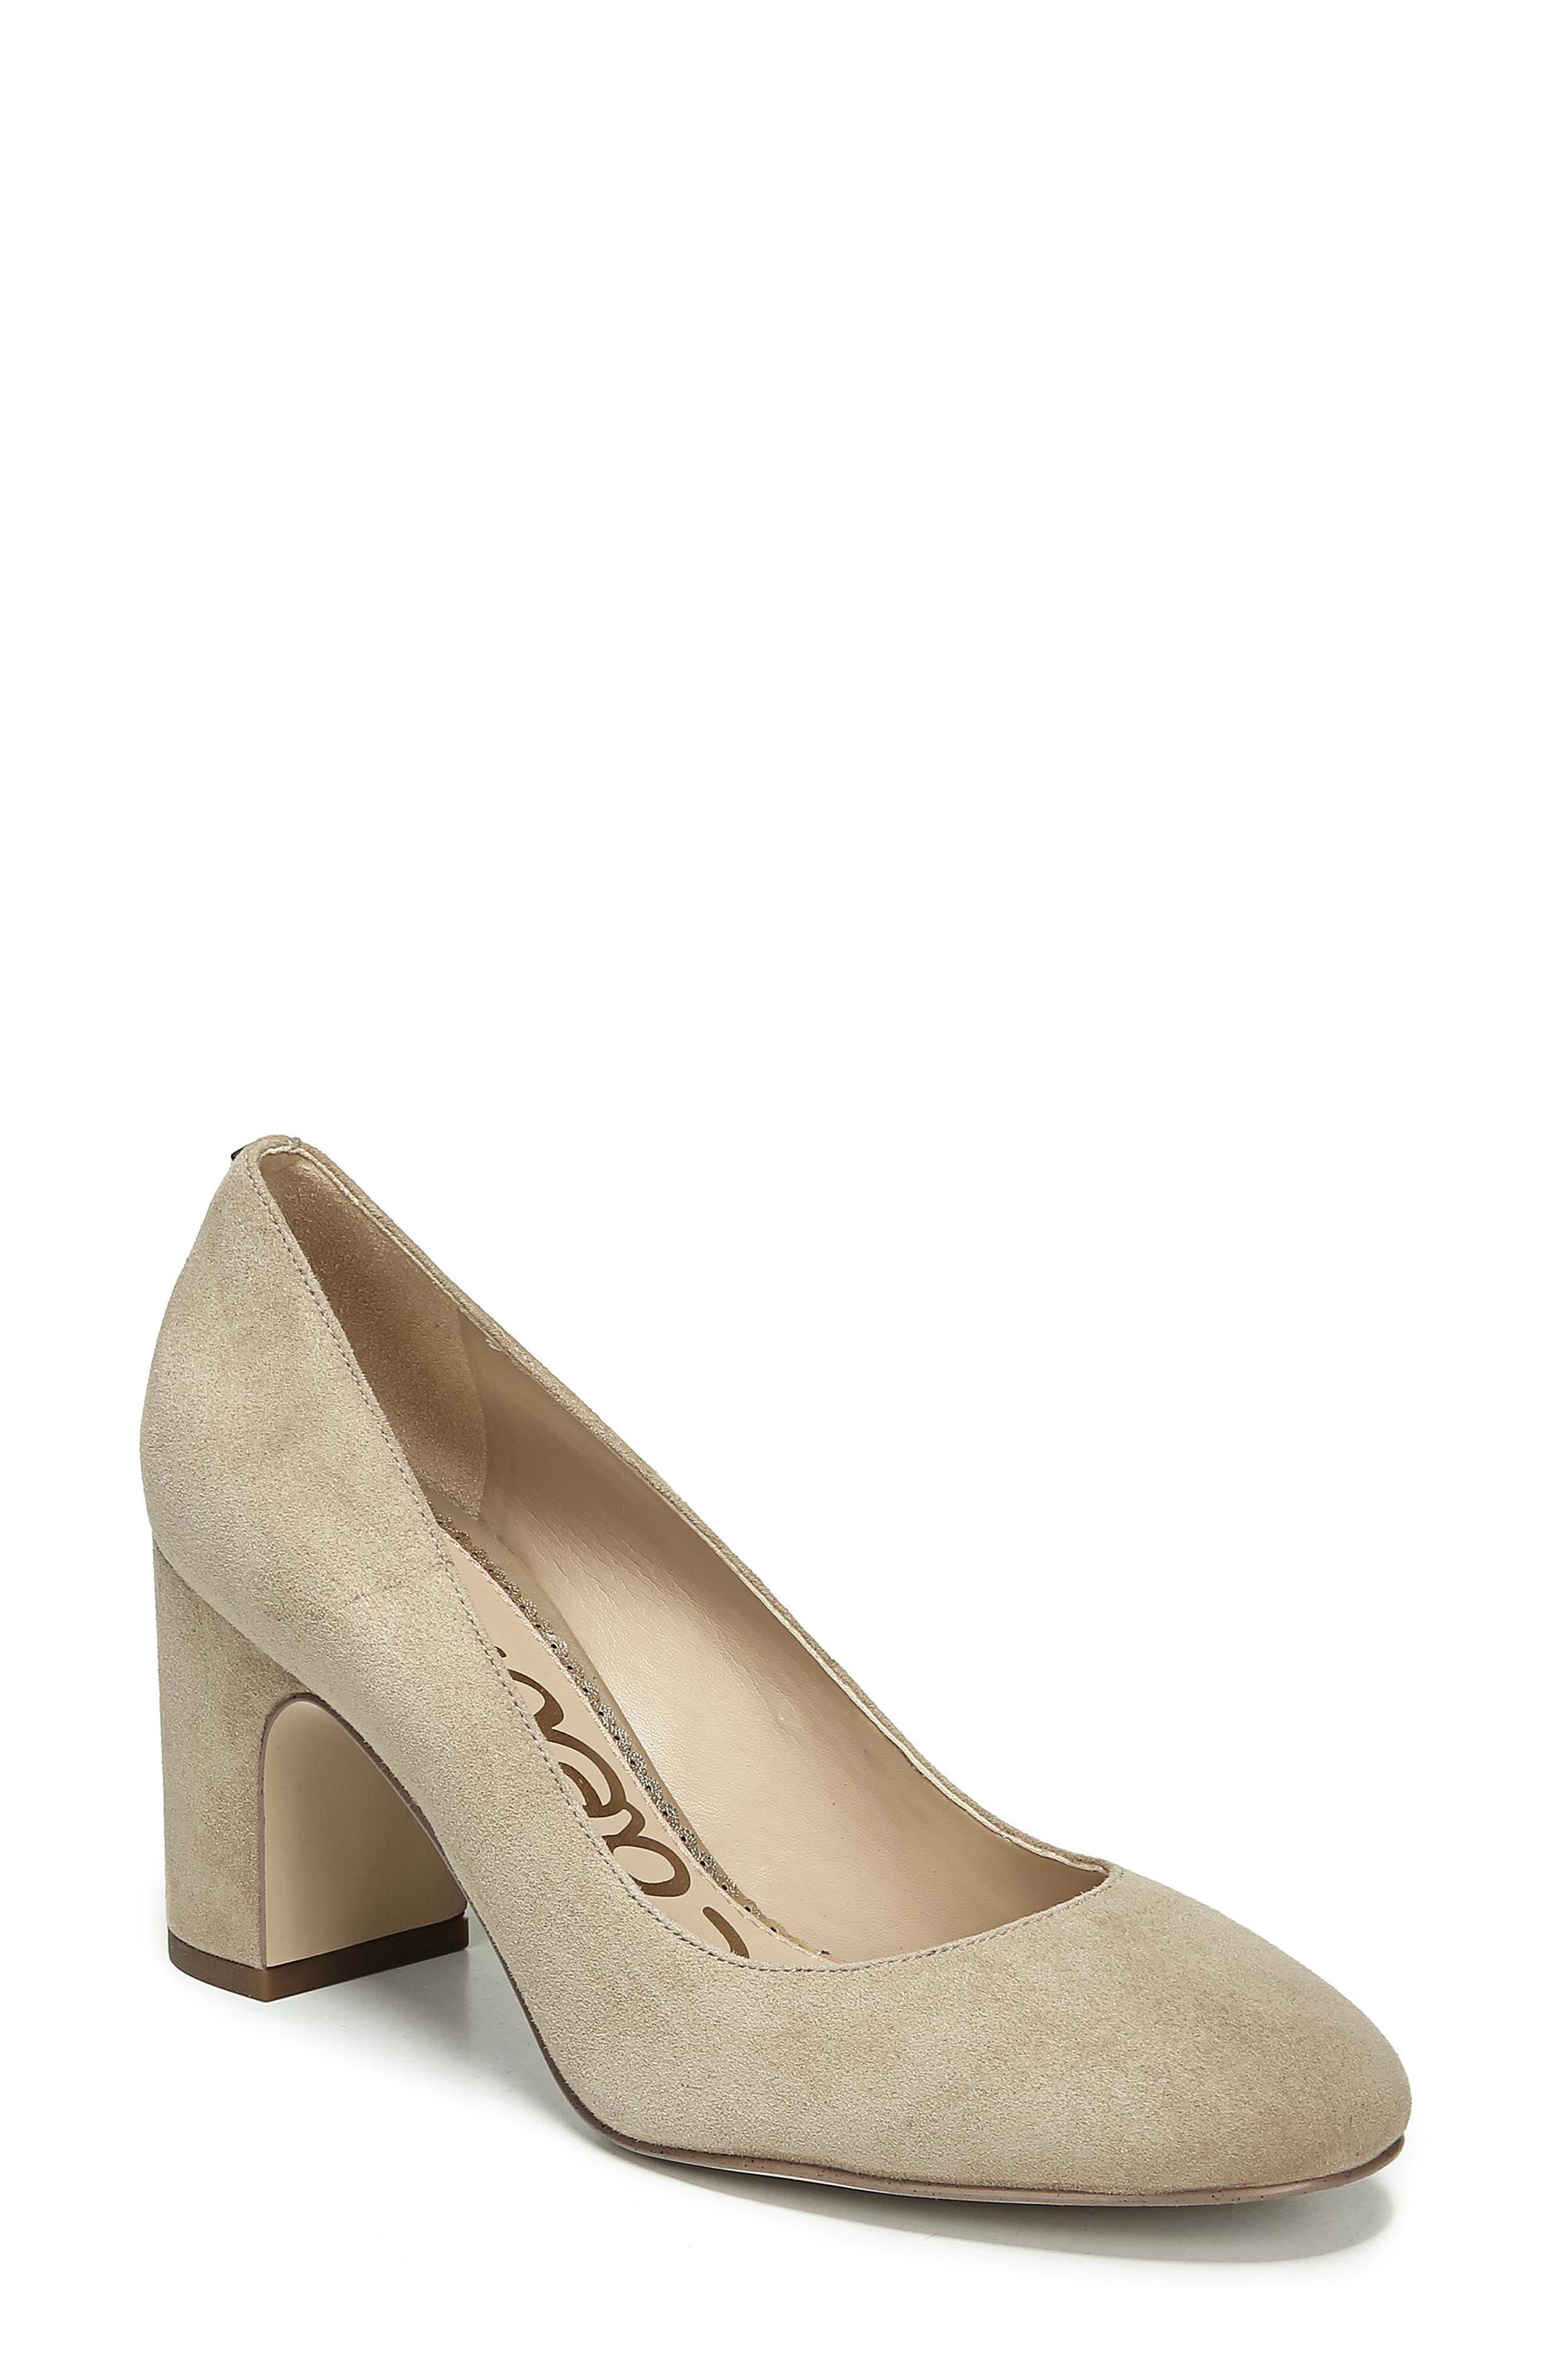 série toe talons, à des pompes et des chaussures à talons, talons hauts pour femmes   nordstrom 3e7b48